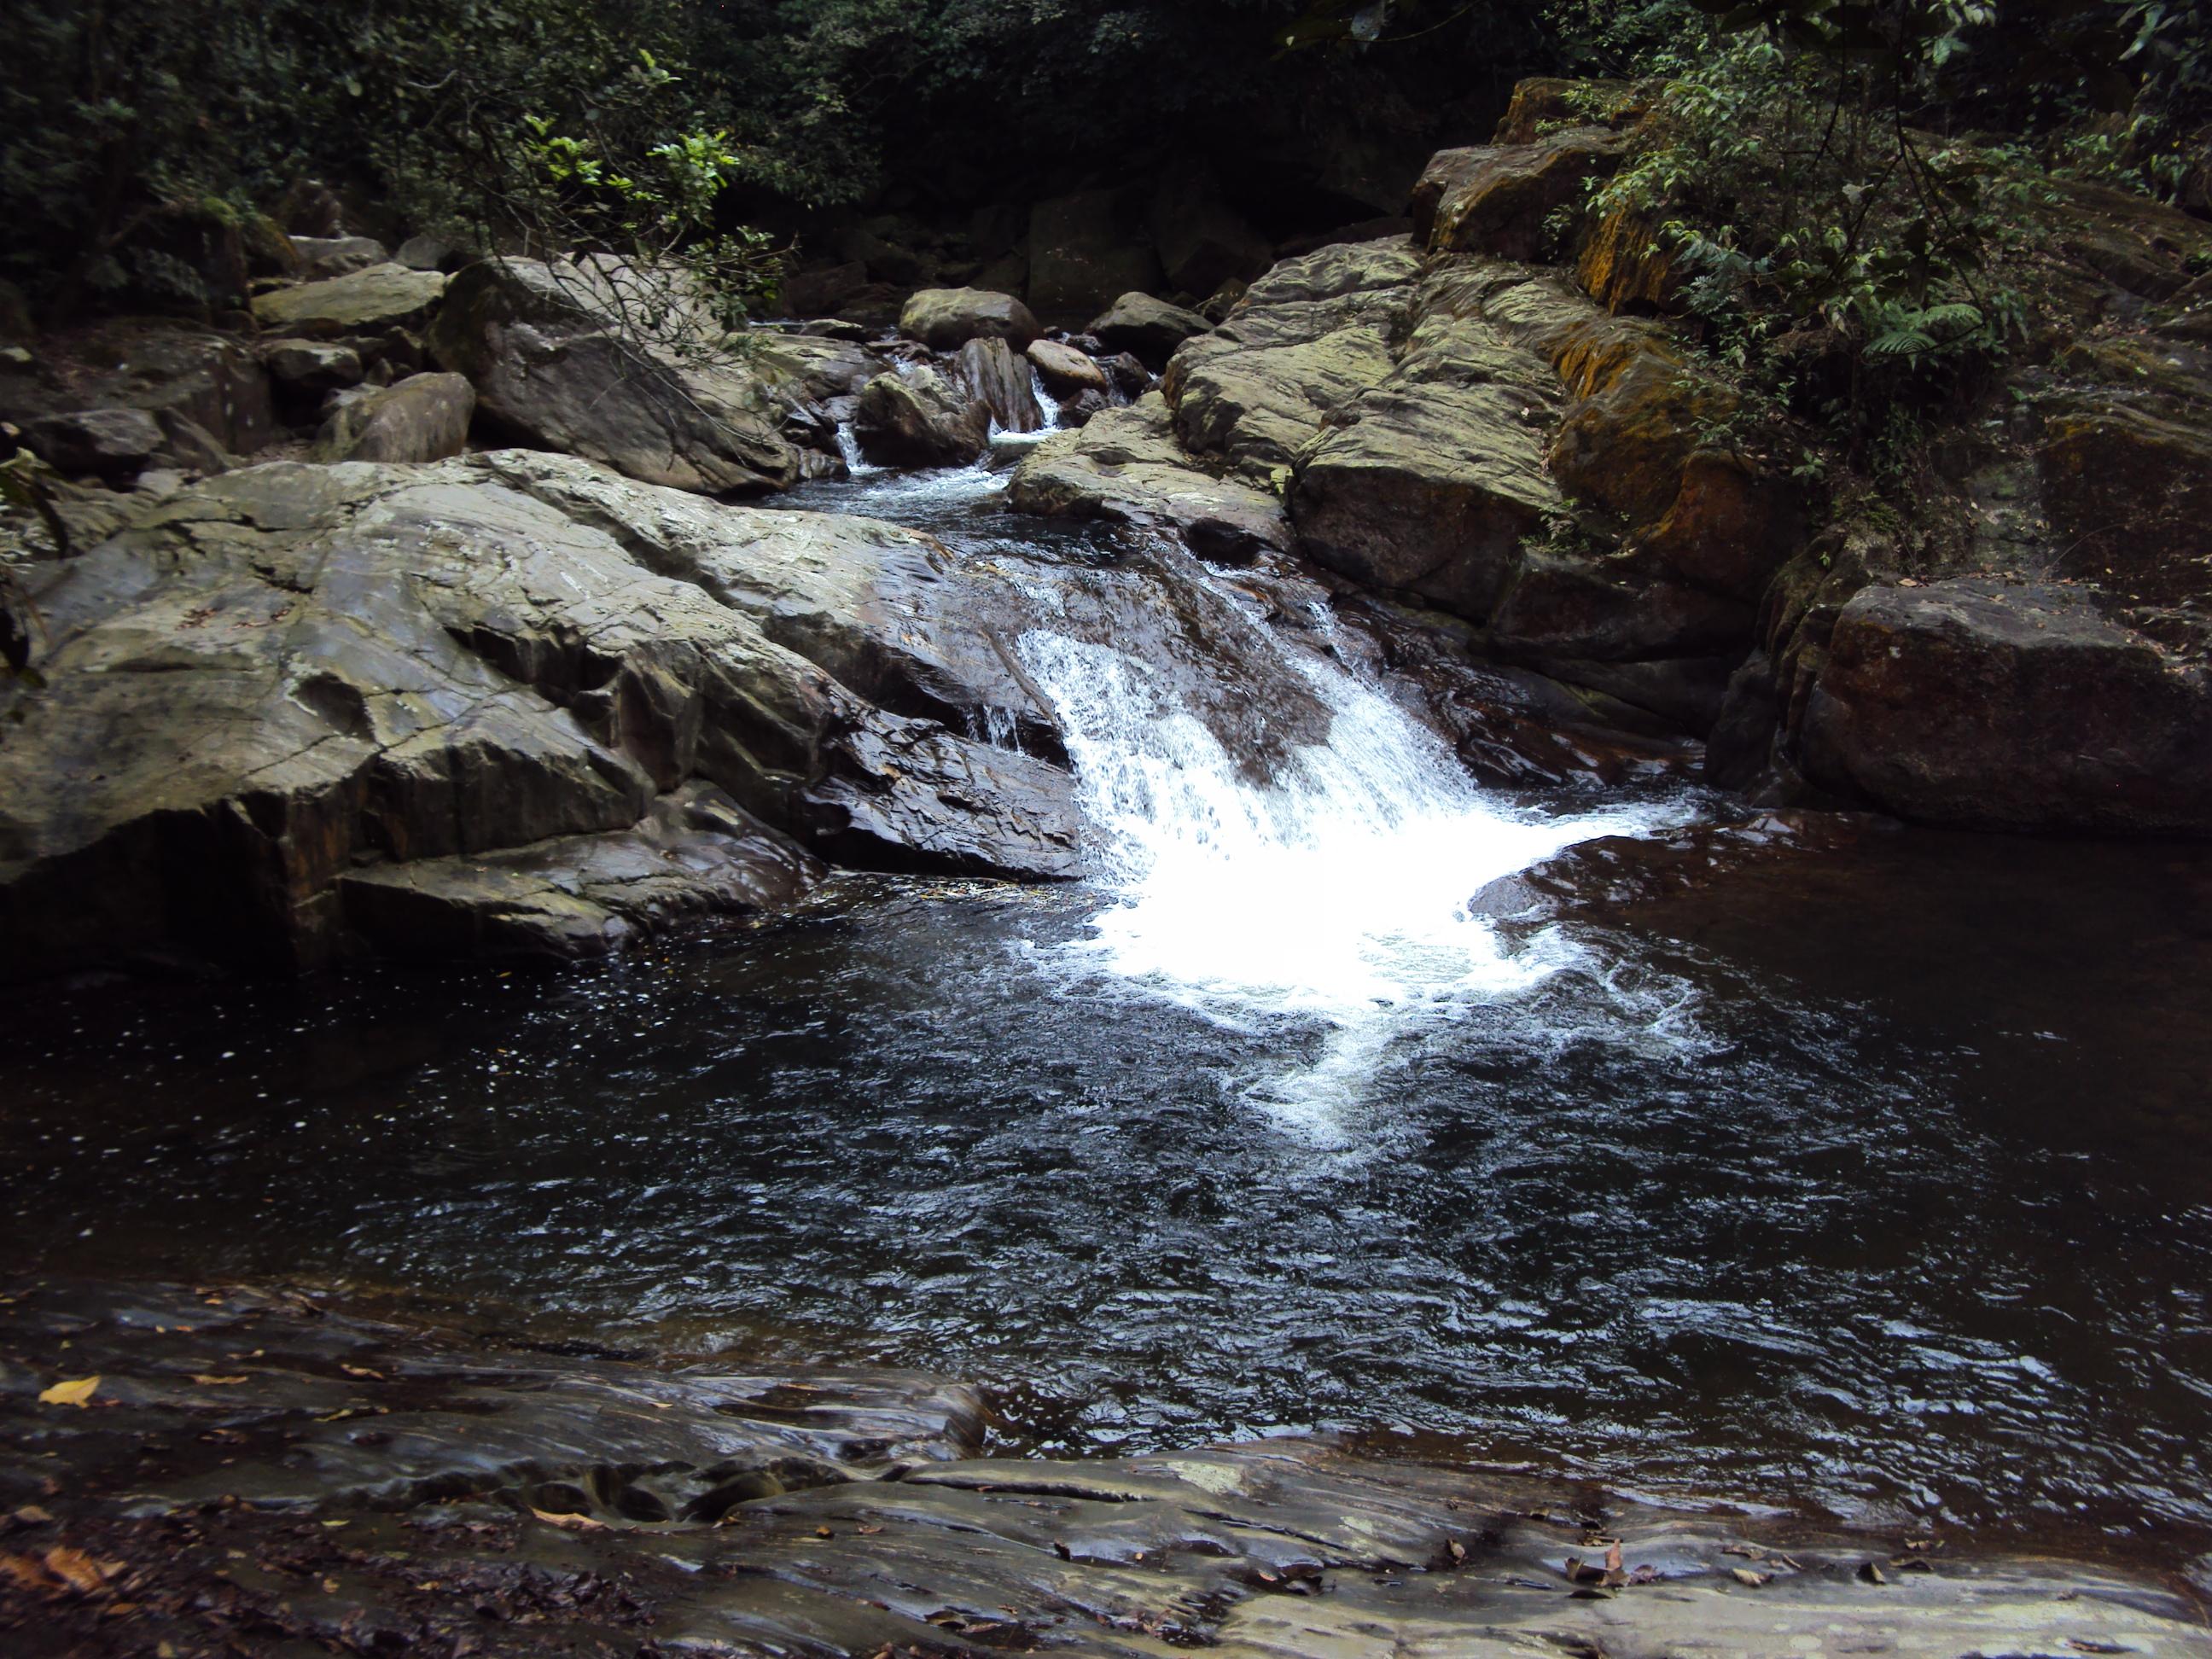 Vale das cachoeiras novembro 2014 019.jpg